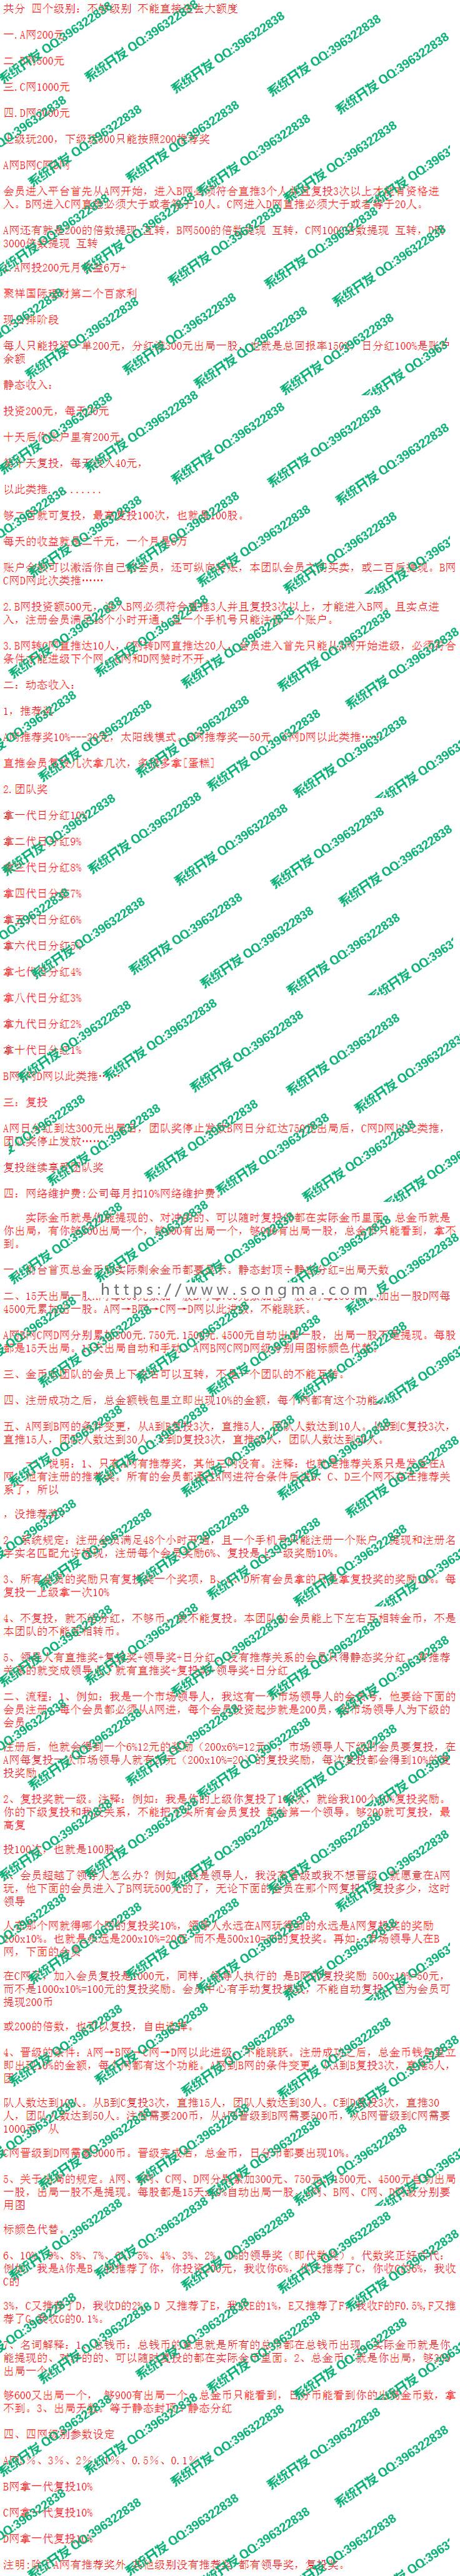 【单网正版】聚祥国际源码 复利+日分红+单网【模式二 】